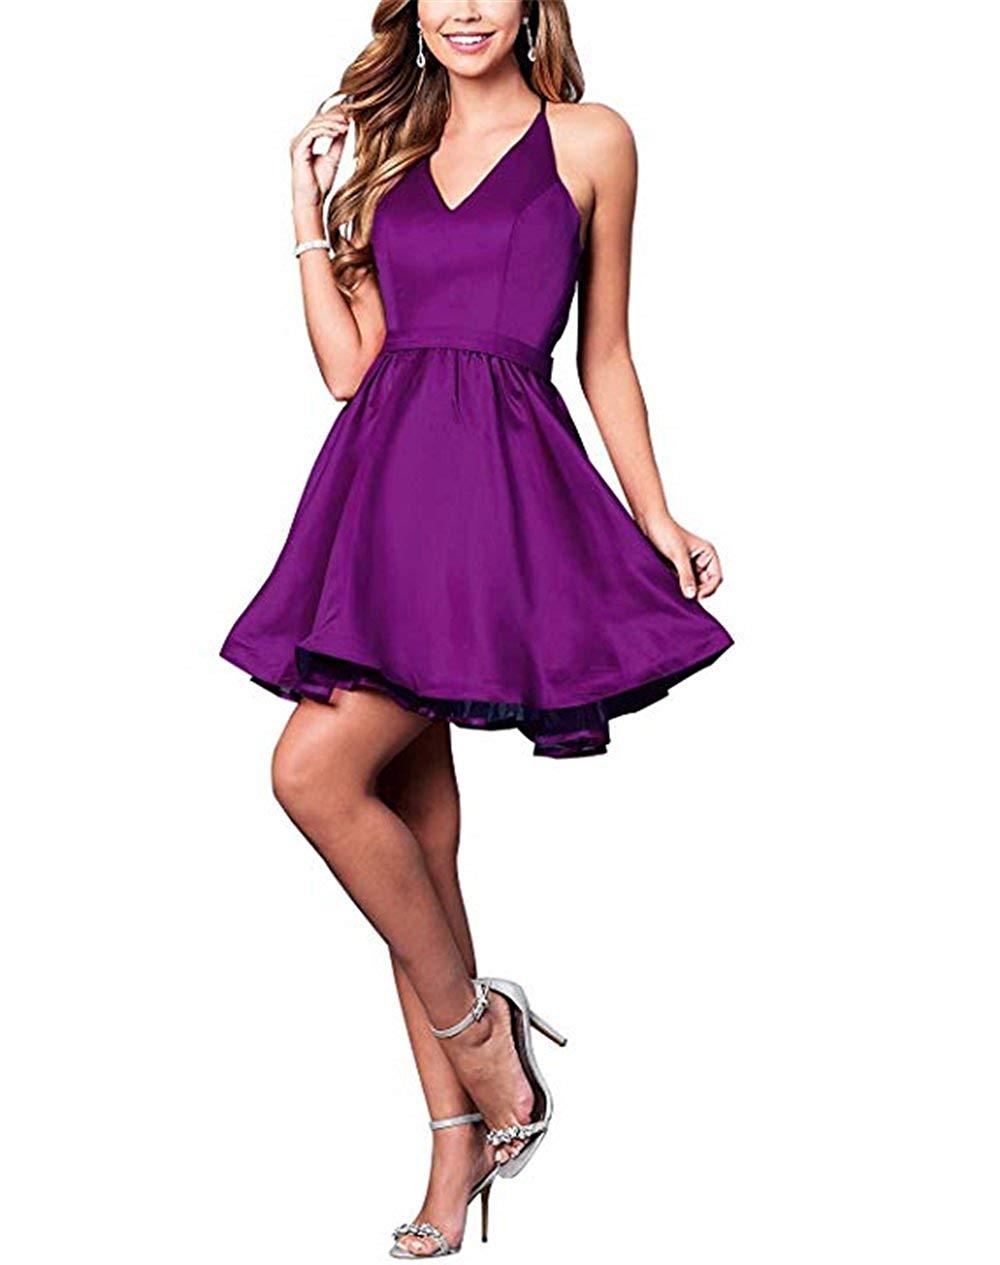 تصميم فستان خطوبة قصير باللون البنفسجي_